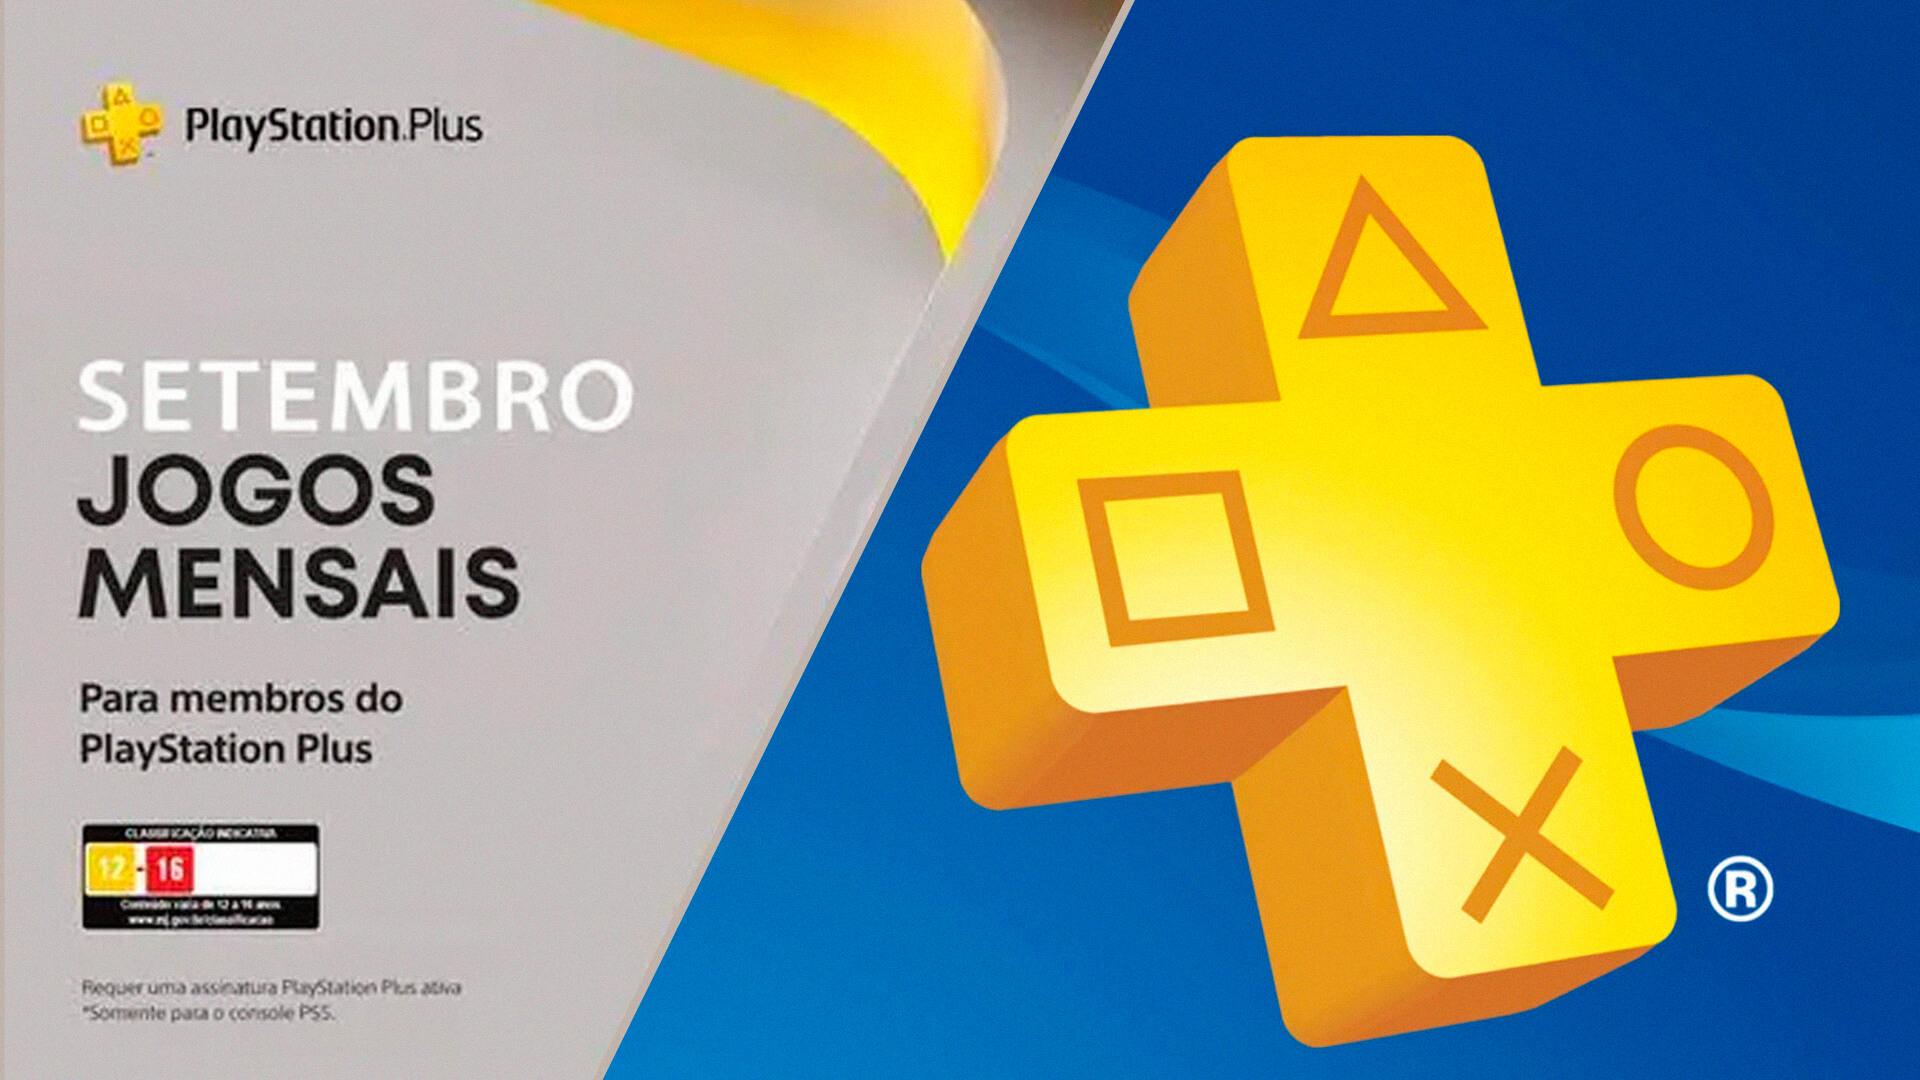 A PS Plus de Setembro está deixando vários jogadores confusos, afinal, estamos no fim do mês e ainda não sabemos os jogos gratuitos de PS4.